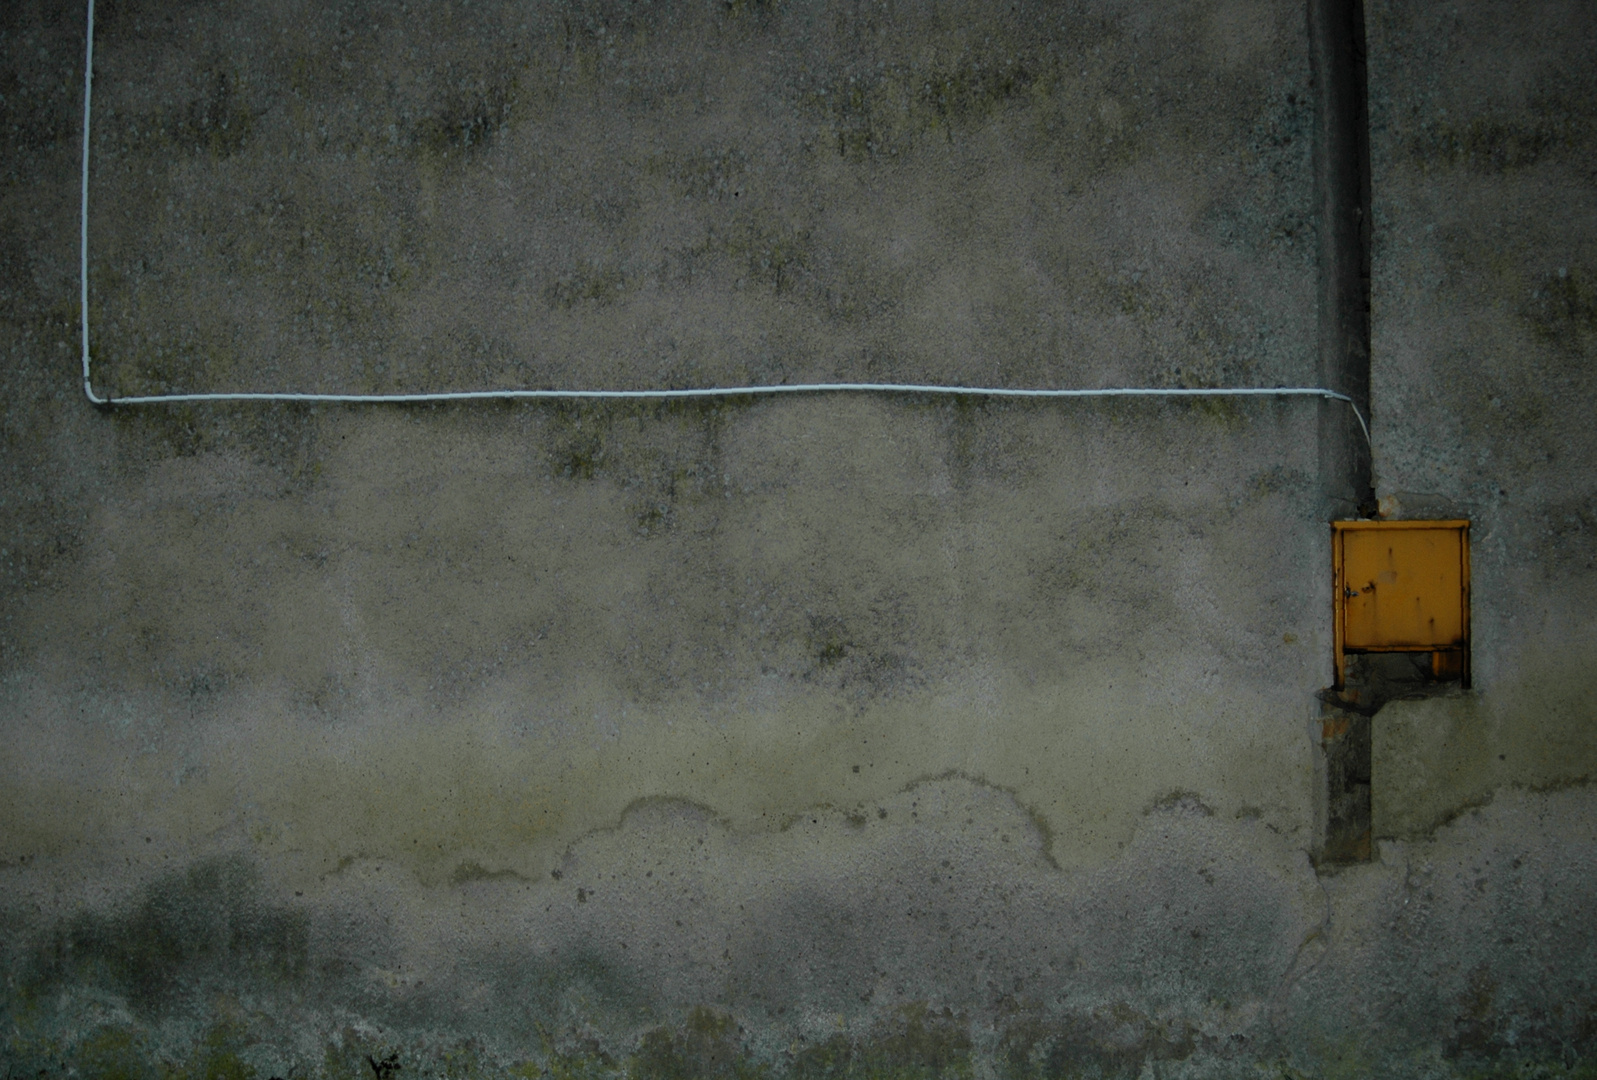 Mauer mit Kasten